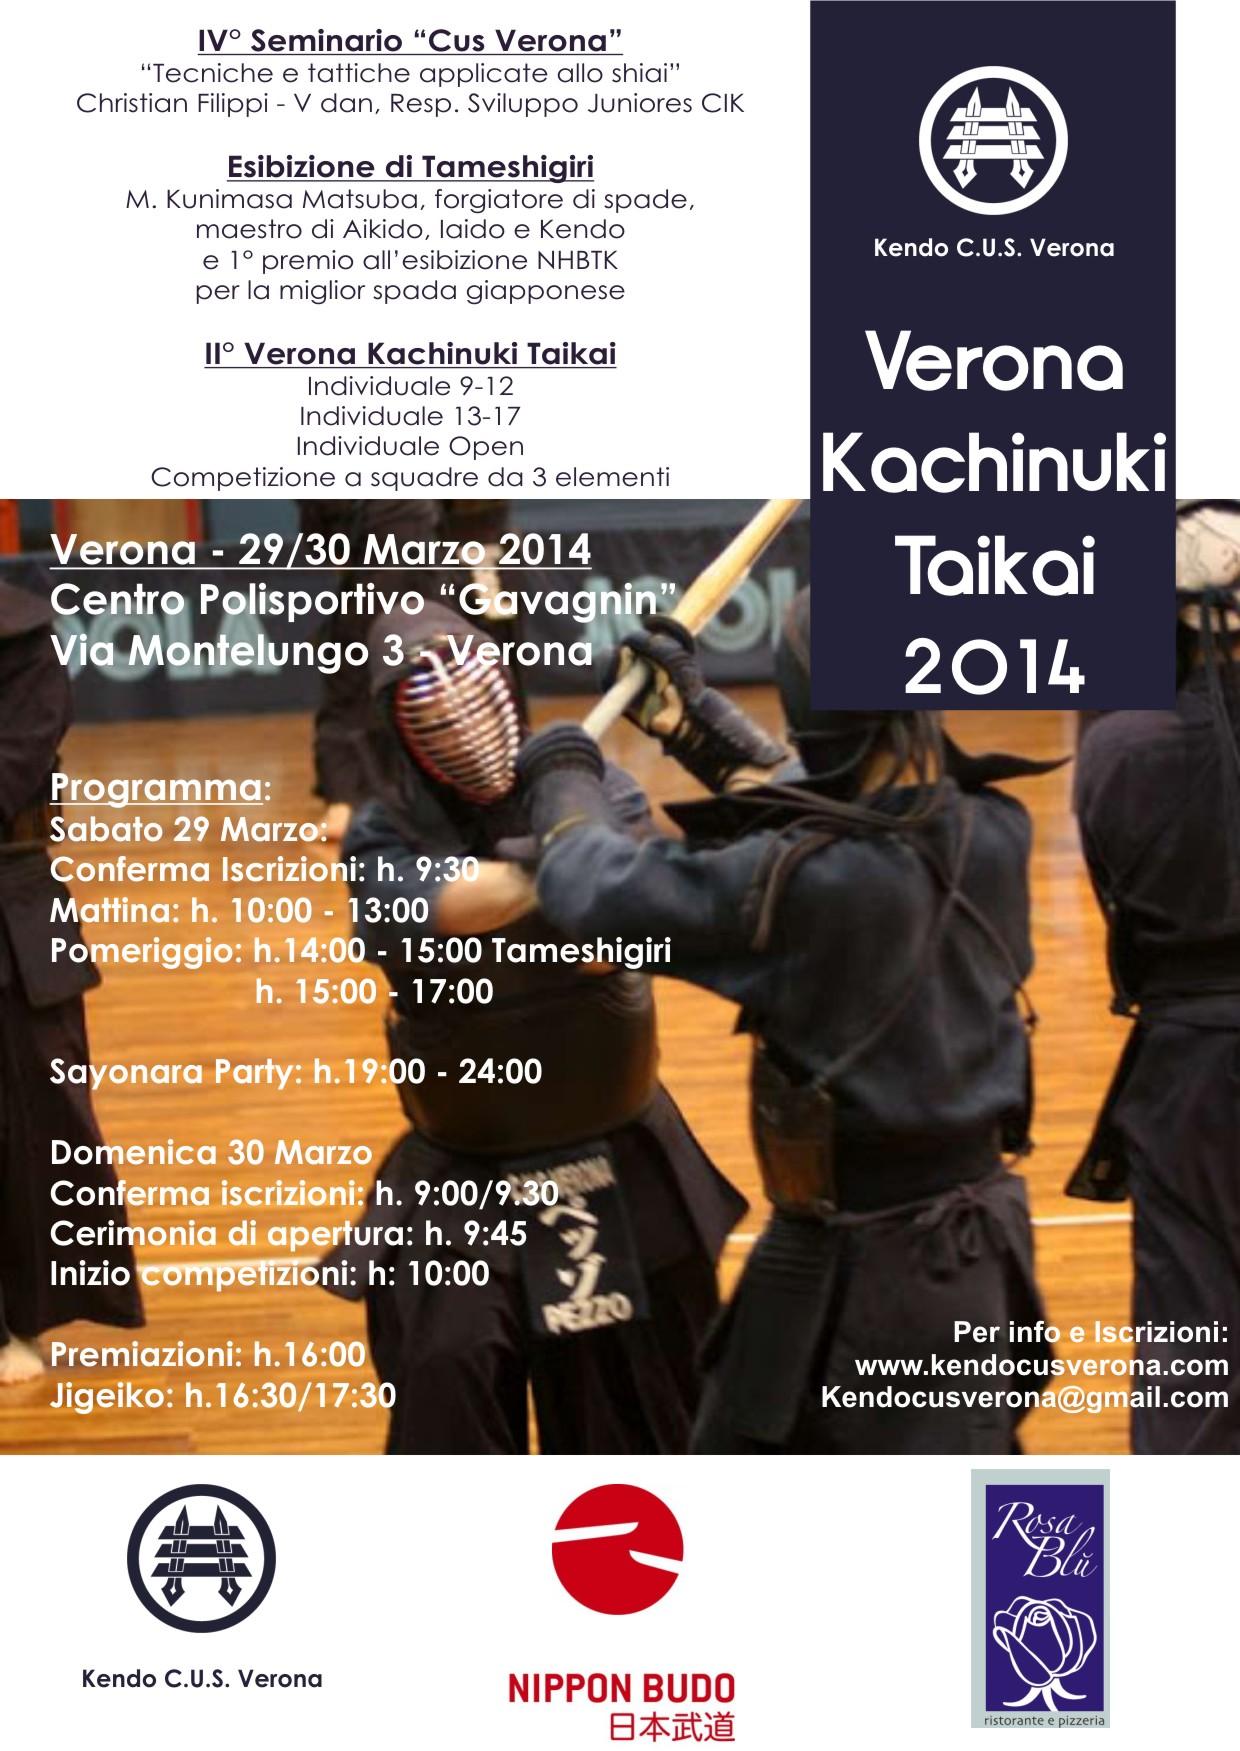 """IV° Seminario """"Cus Verona"""" e II° Verona Taikai Verona_Taikai_2014"""